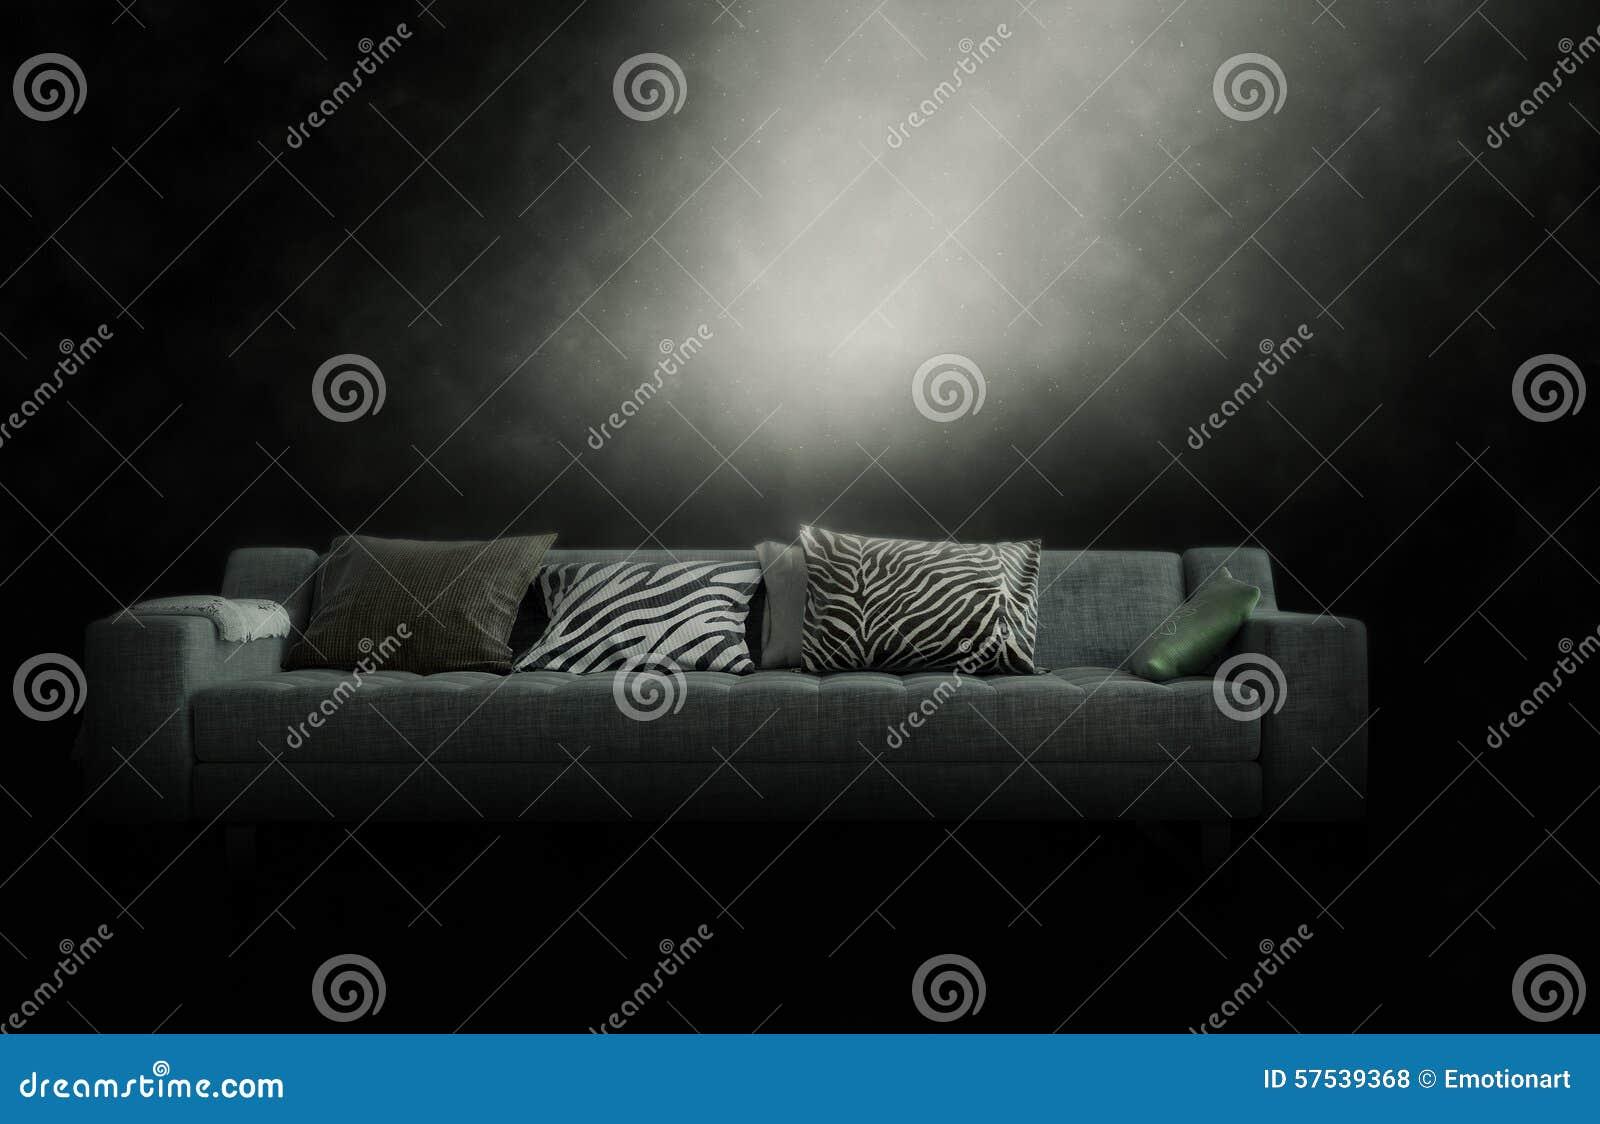 Большое кресло в хмурой закоптелой атмосфере